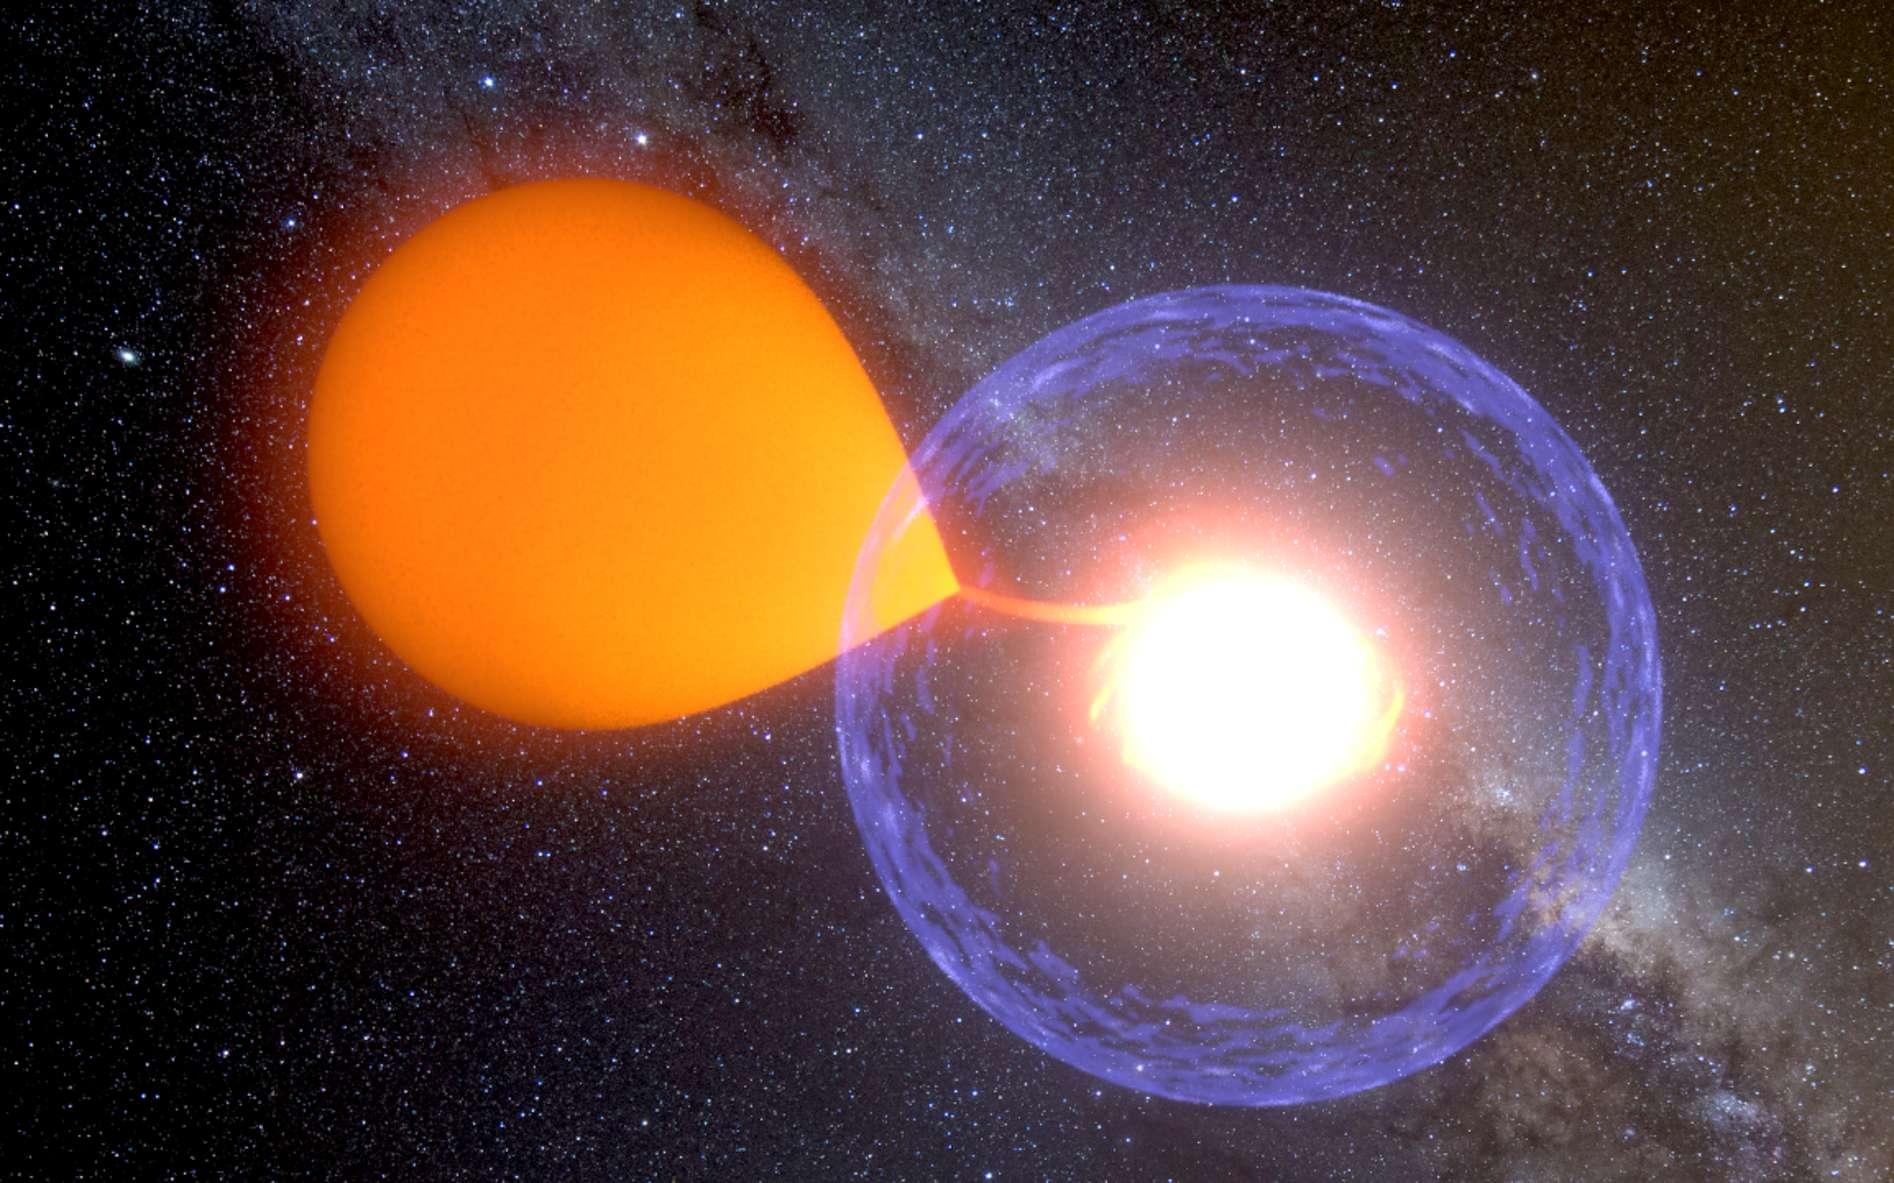 Une vue d'artiste de la nova associée à l'étoile variable V1213 Centauri. L'explosion est survenue à la surface d'une naine blanche (à droite sur l'image) accrétant de la matière issue d'une naine rouge (à gauche). Les astrophysiciens pensent qu'entre 40 et 60 novae se produisent chaque année dans la Voie lactée. Toutefois, on n'en observe que quelques-unes car, généralement, les nuages de poussières et de gaz de la Galaxie nous les cachent. © K. Ulaczyk, Warsaw University Observatory